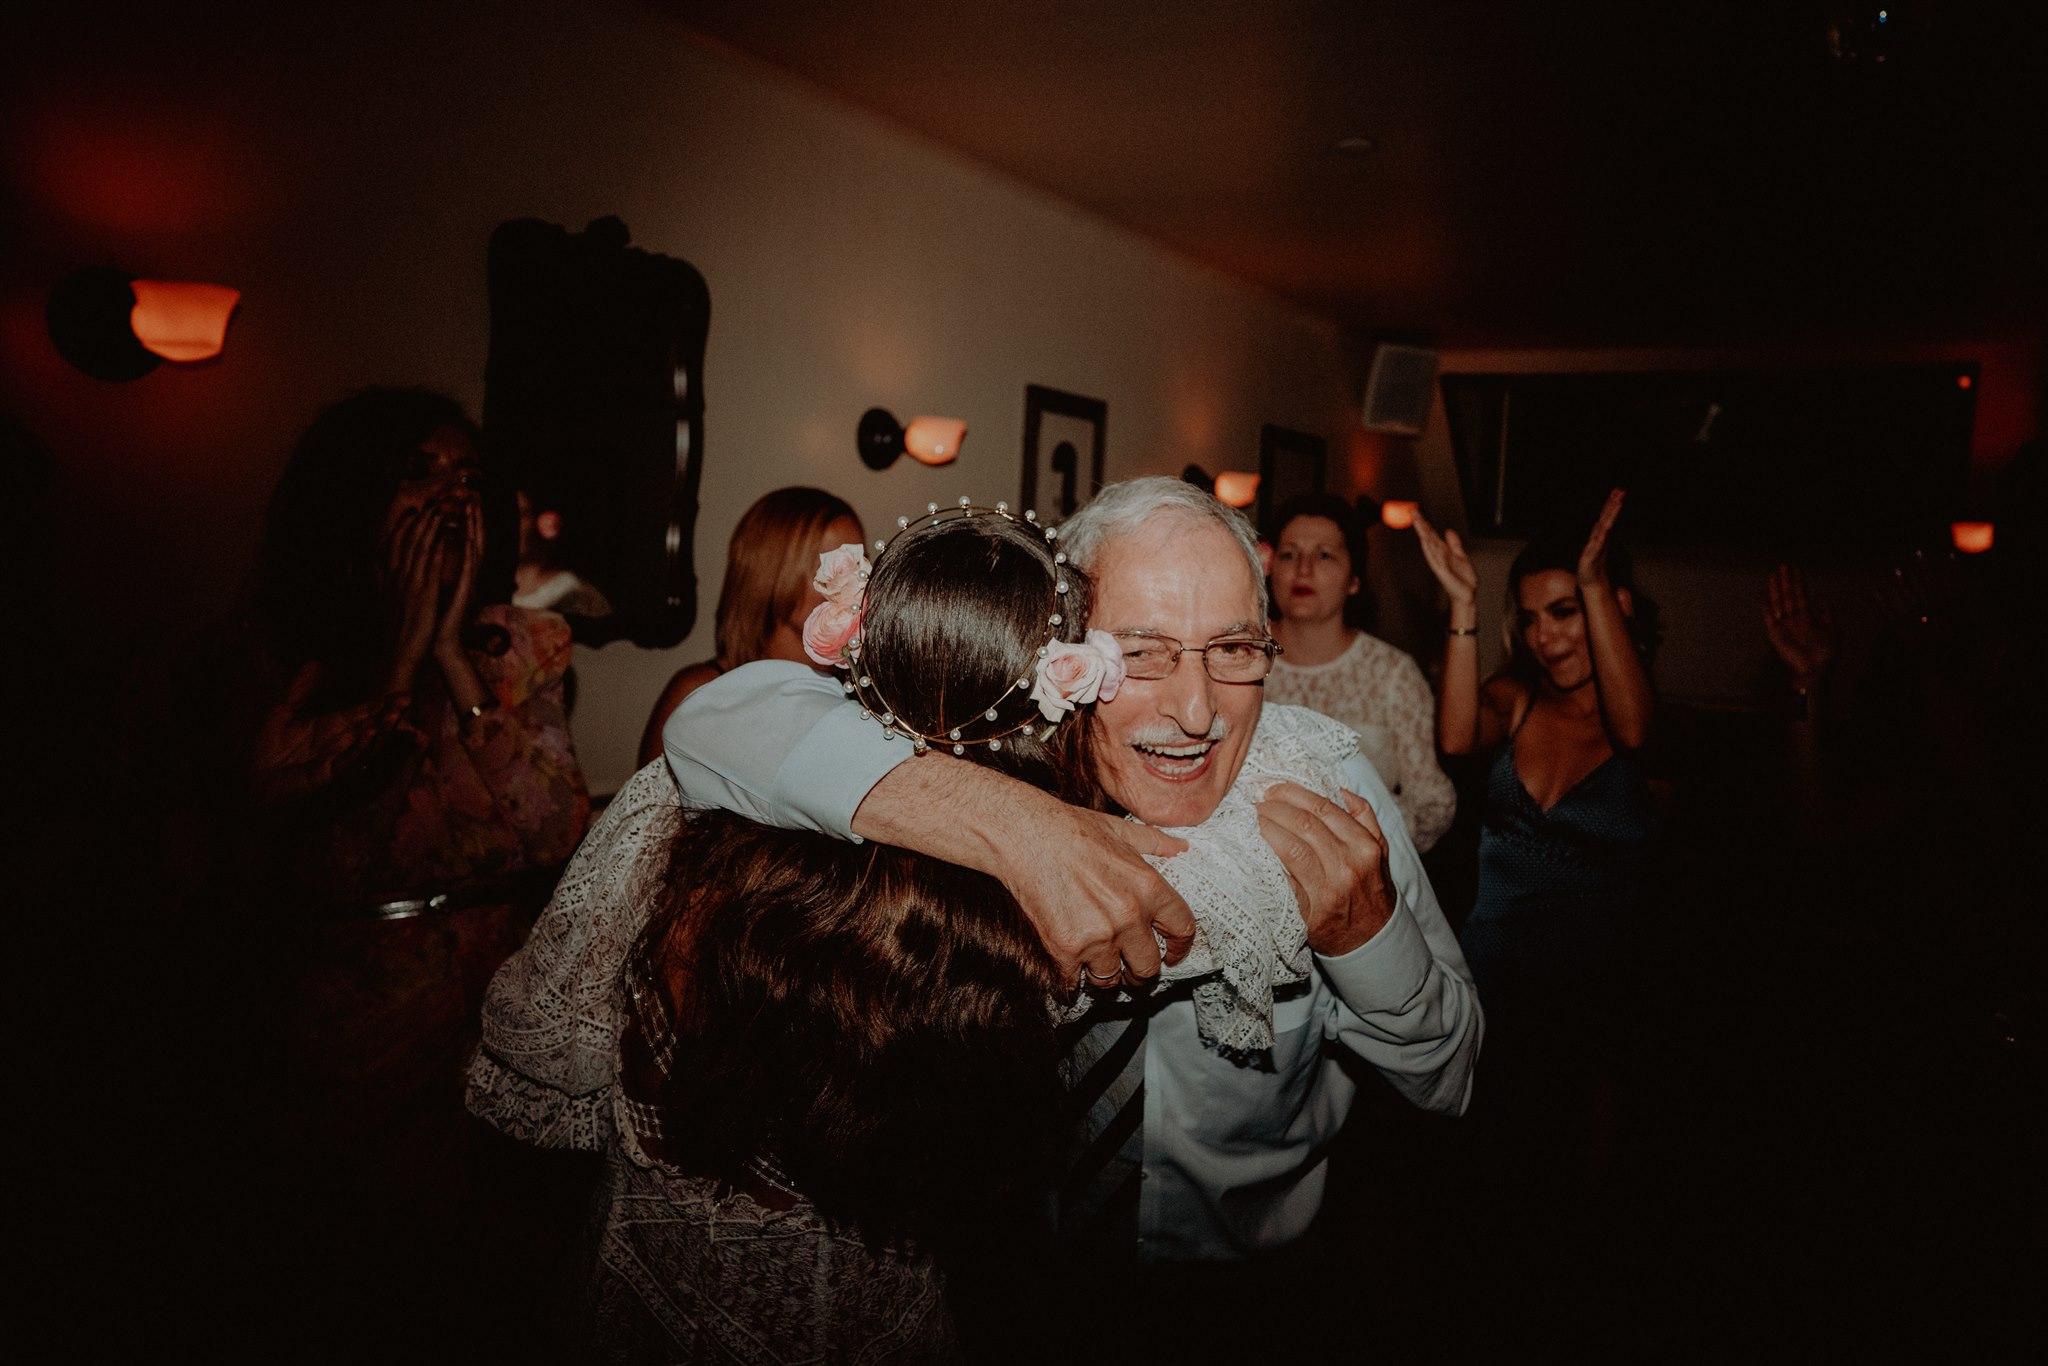 Chellise_Michael_Photography_Ramona_Brooklyn_Wedding_Photographer-919.jpg